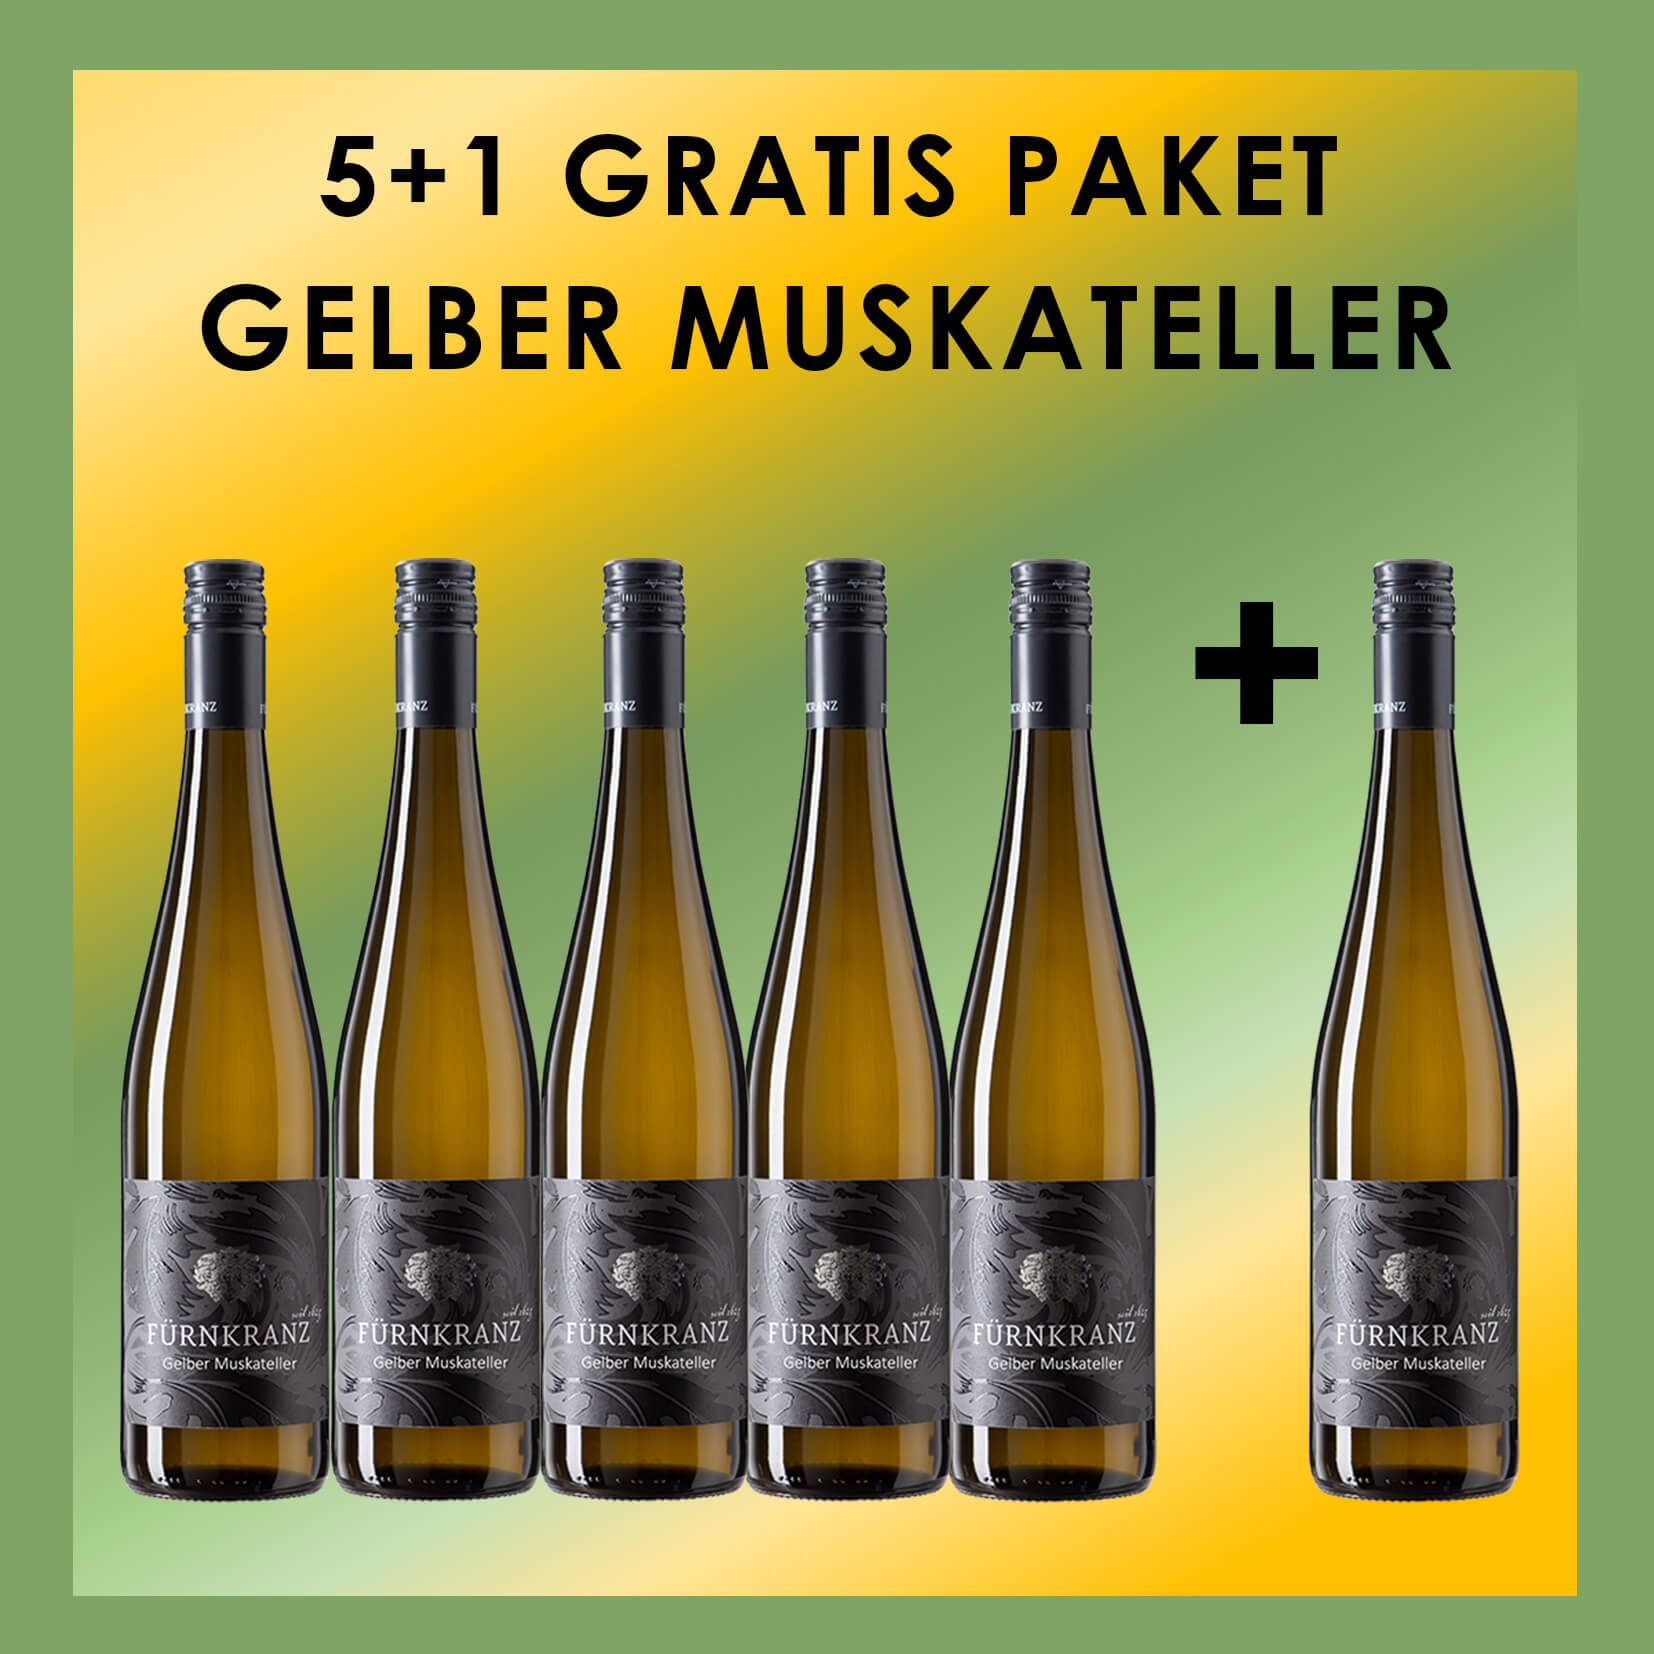 Gelber Muskateller 5+1 Gratis Paket vom Weingut Fürnkranz